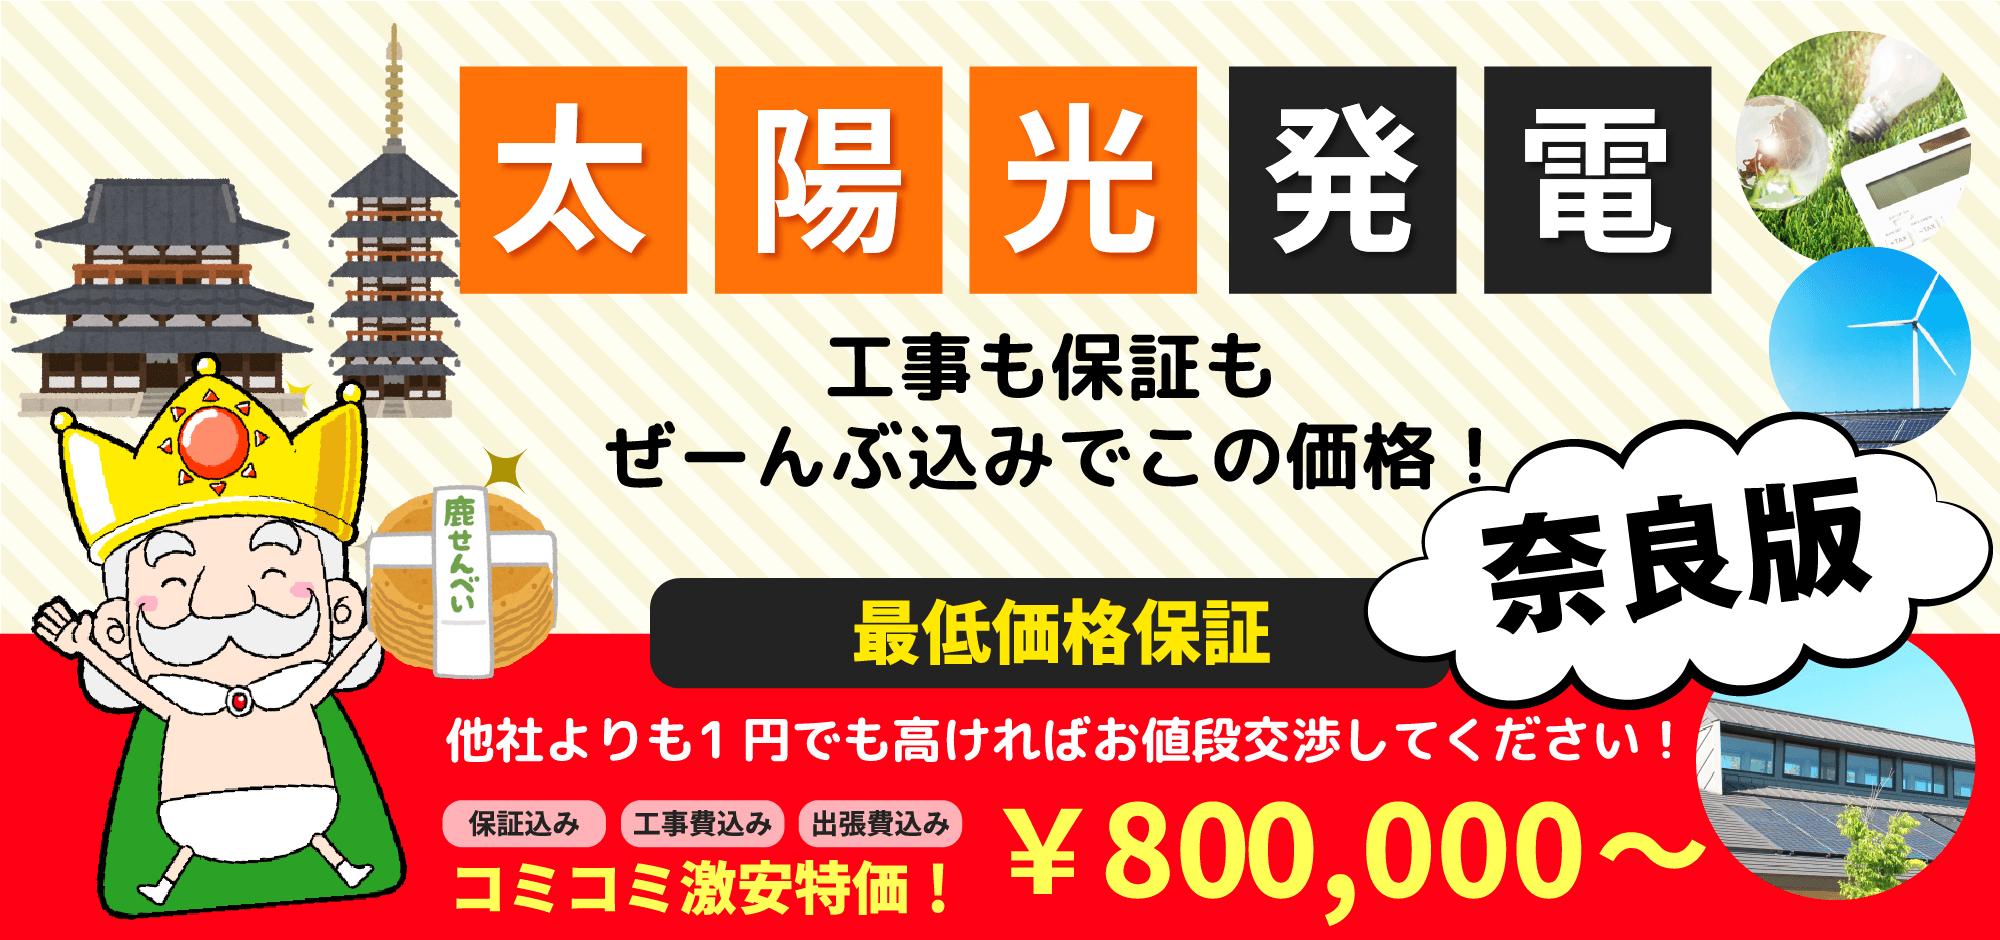 太陽光発電 工事も保証もぜーんぶ込みでこの価格! 奈良版